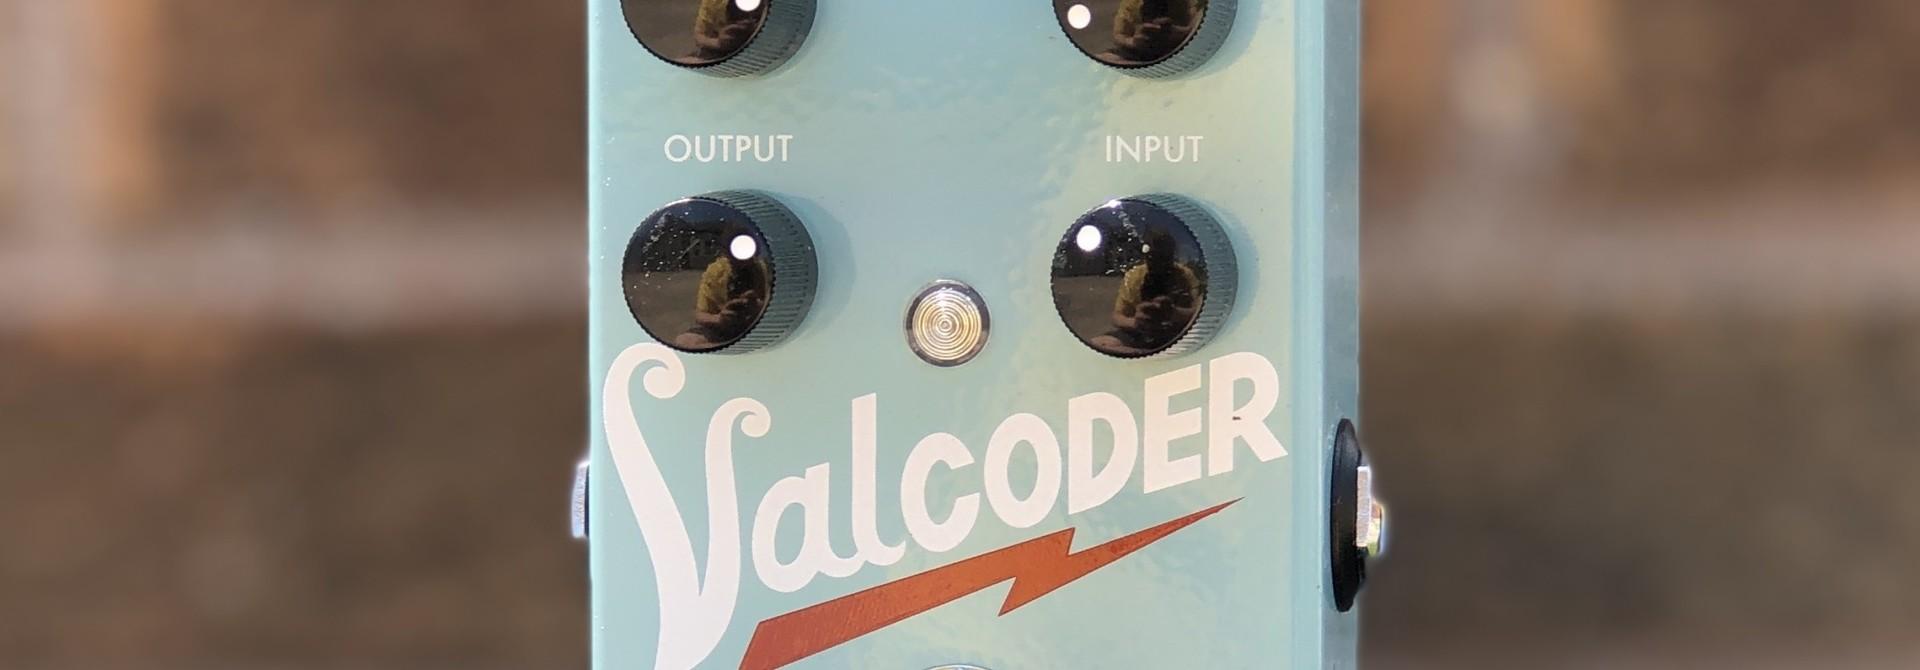 Catalinbread Valcoder 60's style Trem